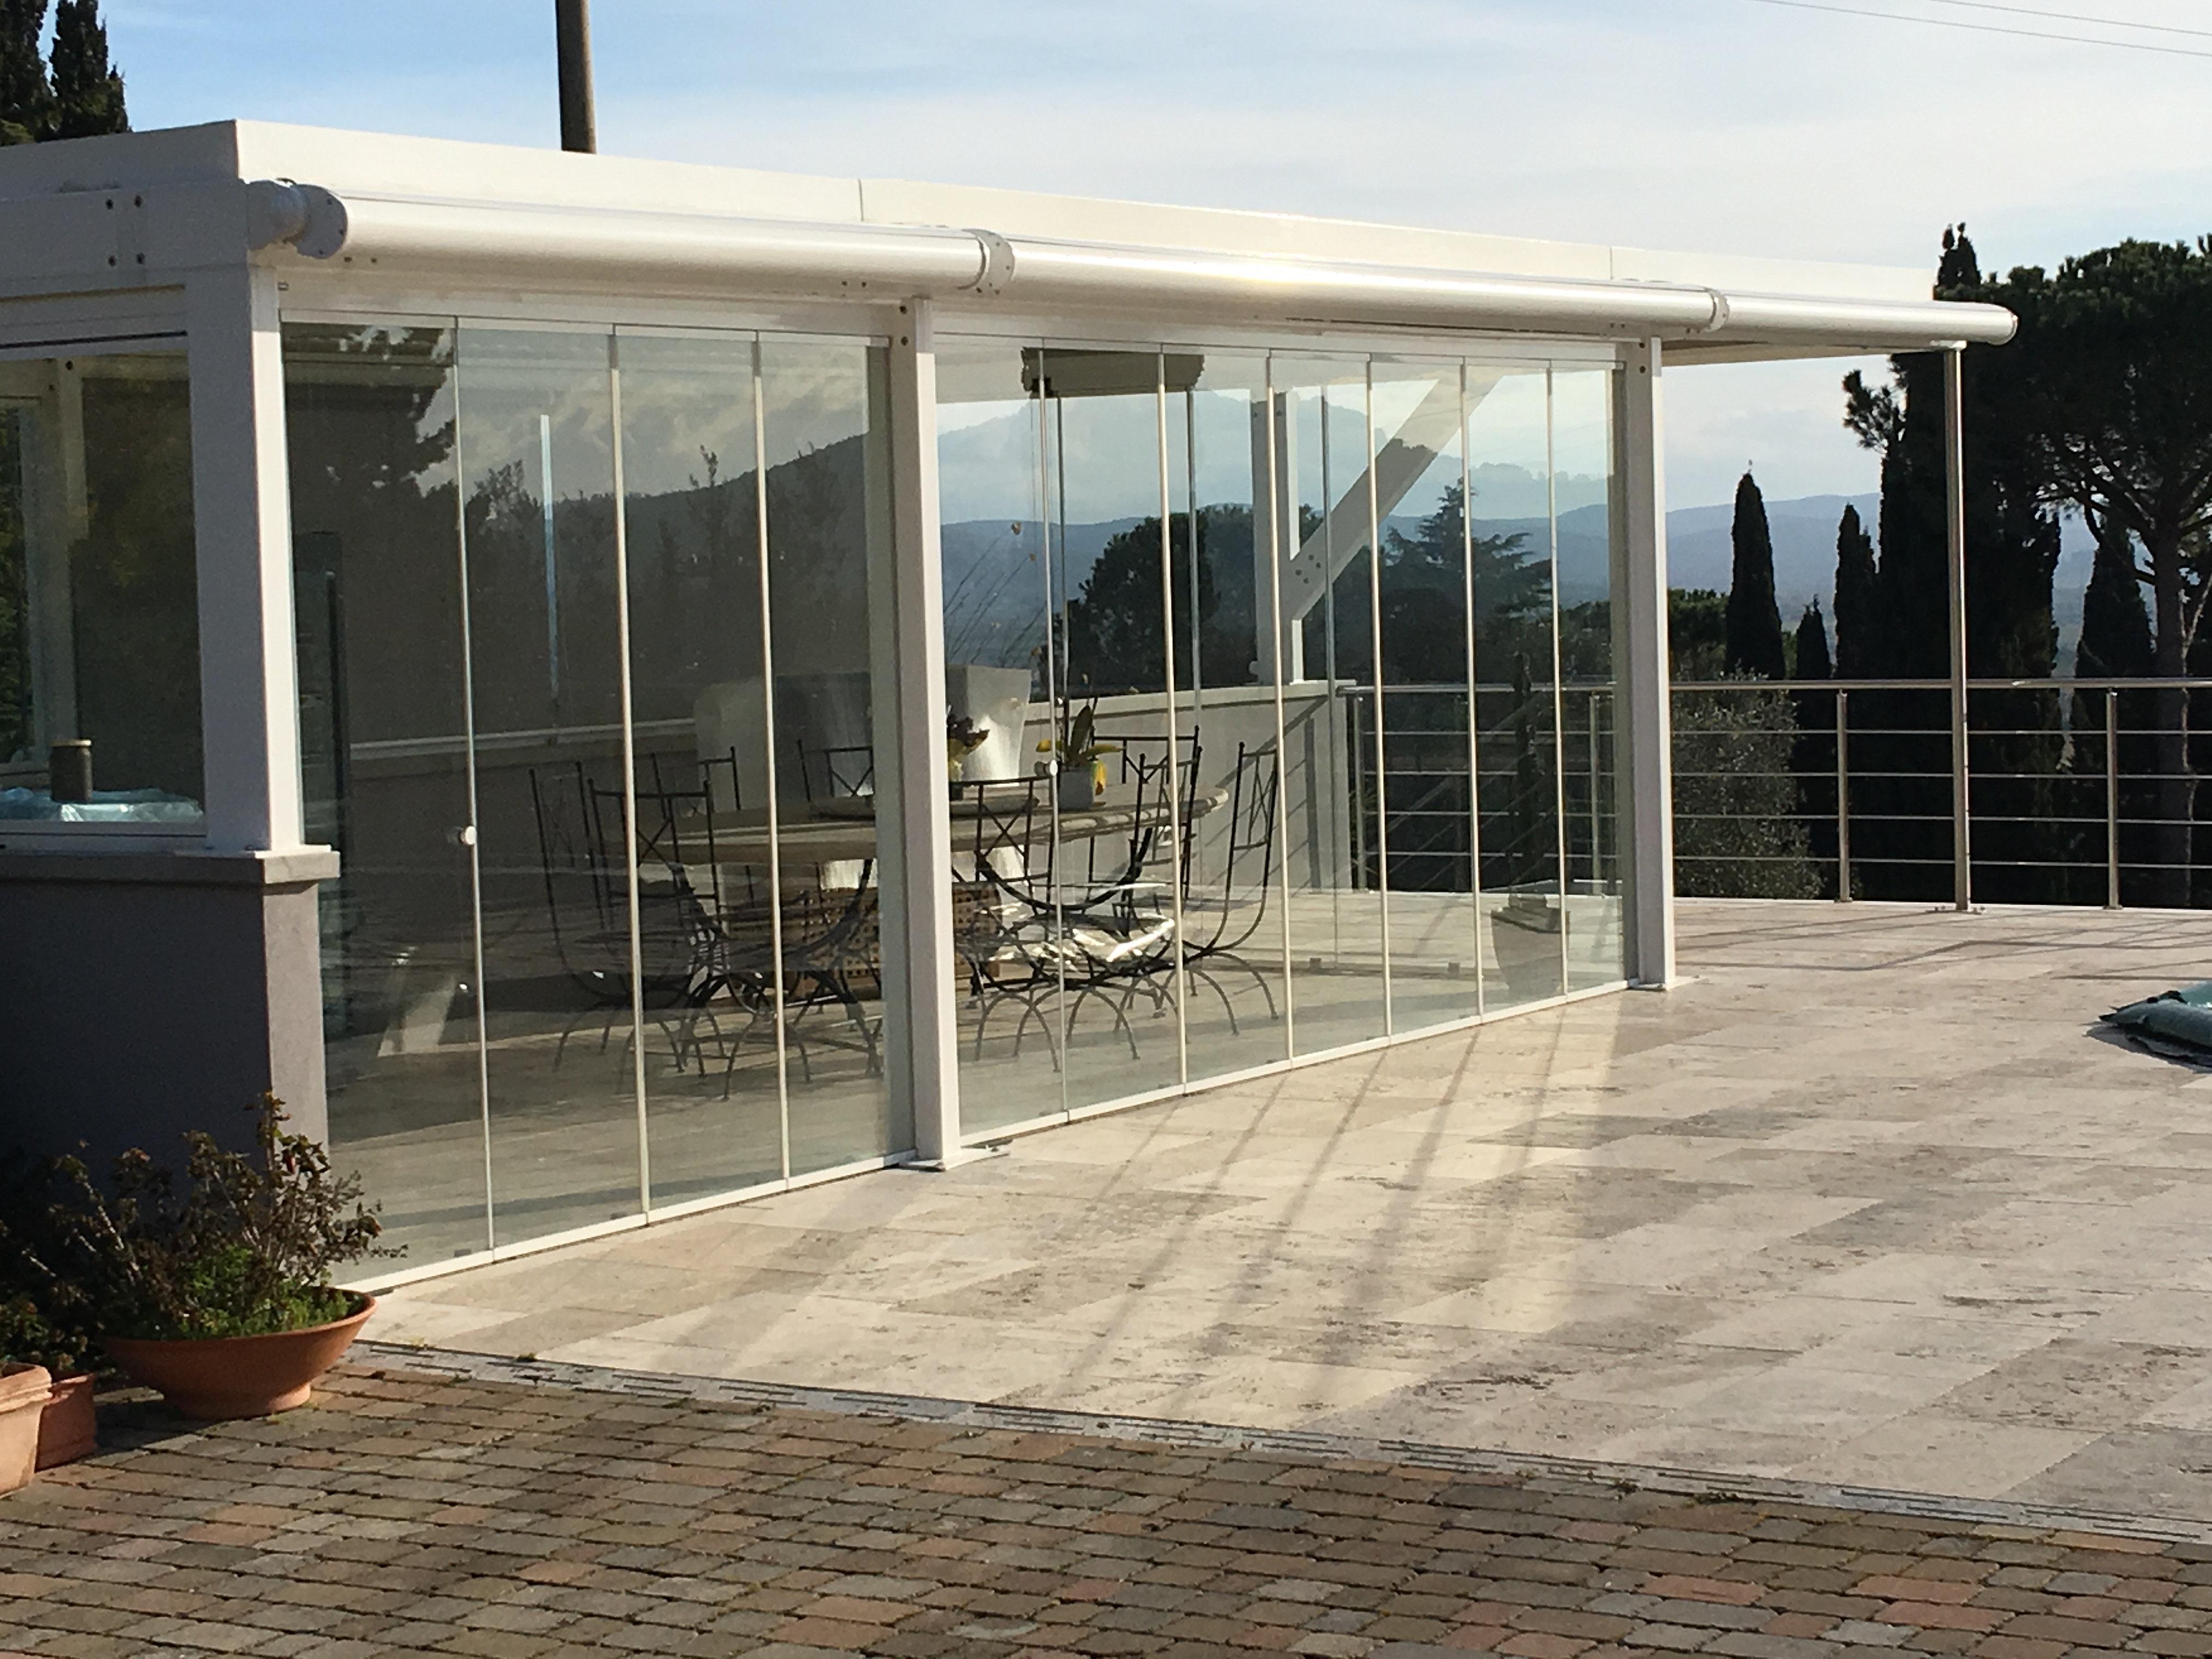 Mobili bagno 2 lavelli - Serre solari ...